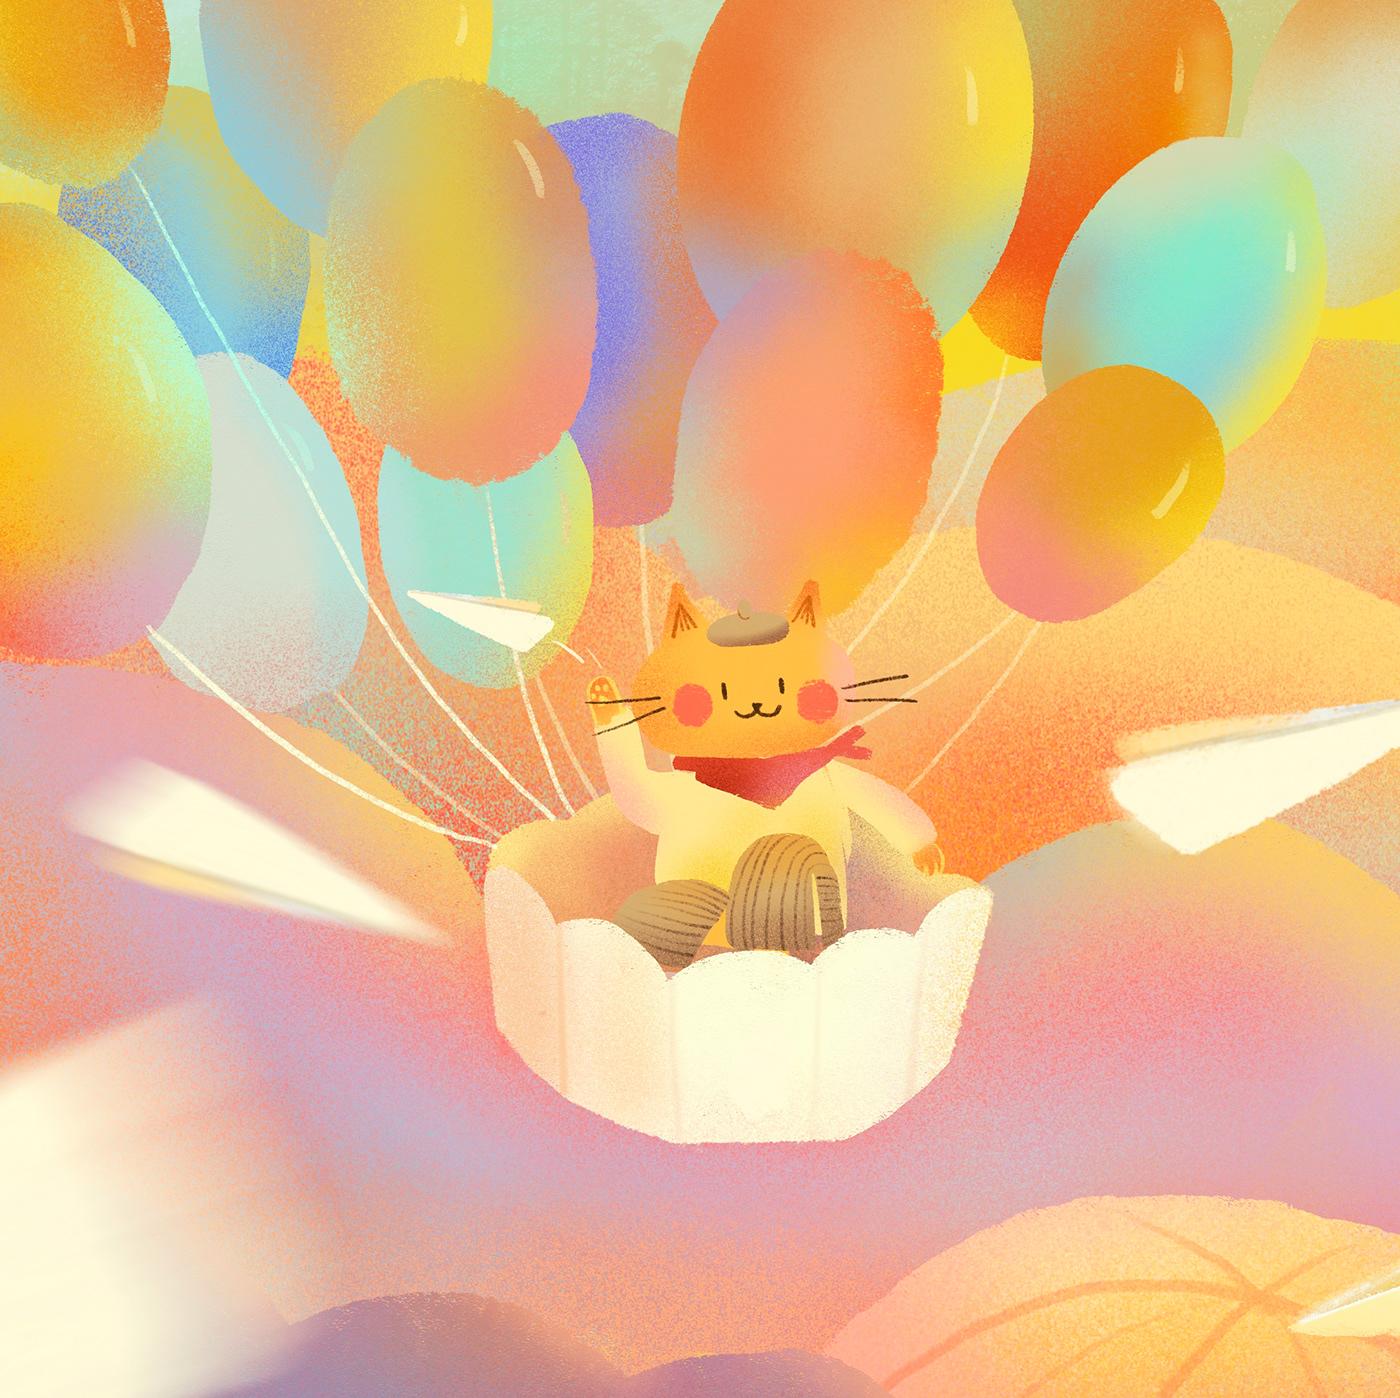 Image may contain: cartoon, hot air balloon and balloon